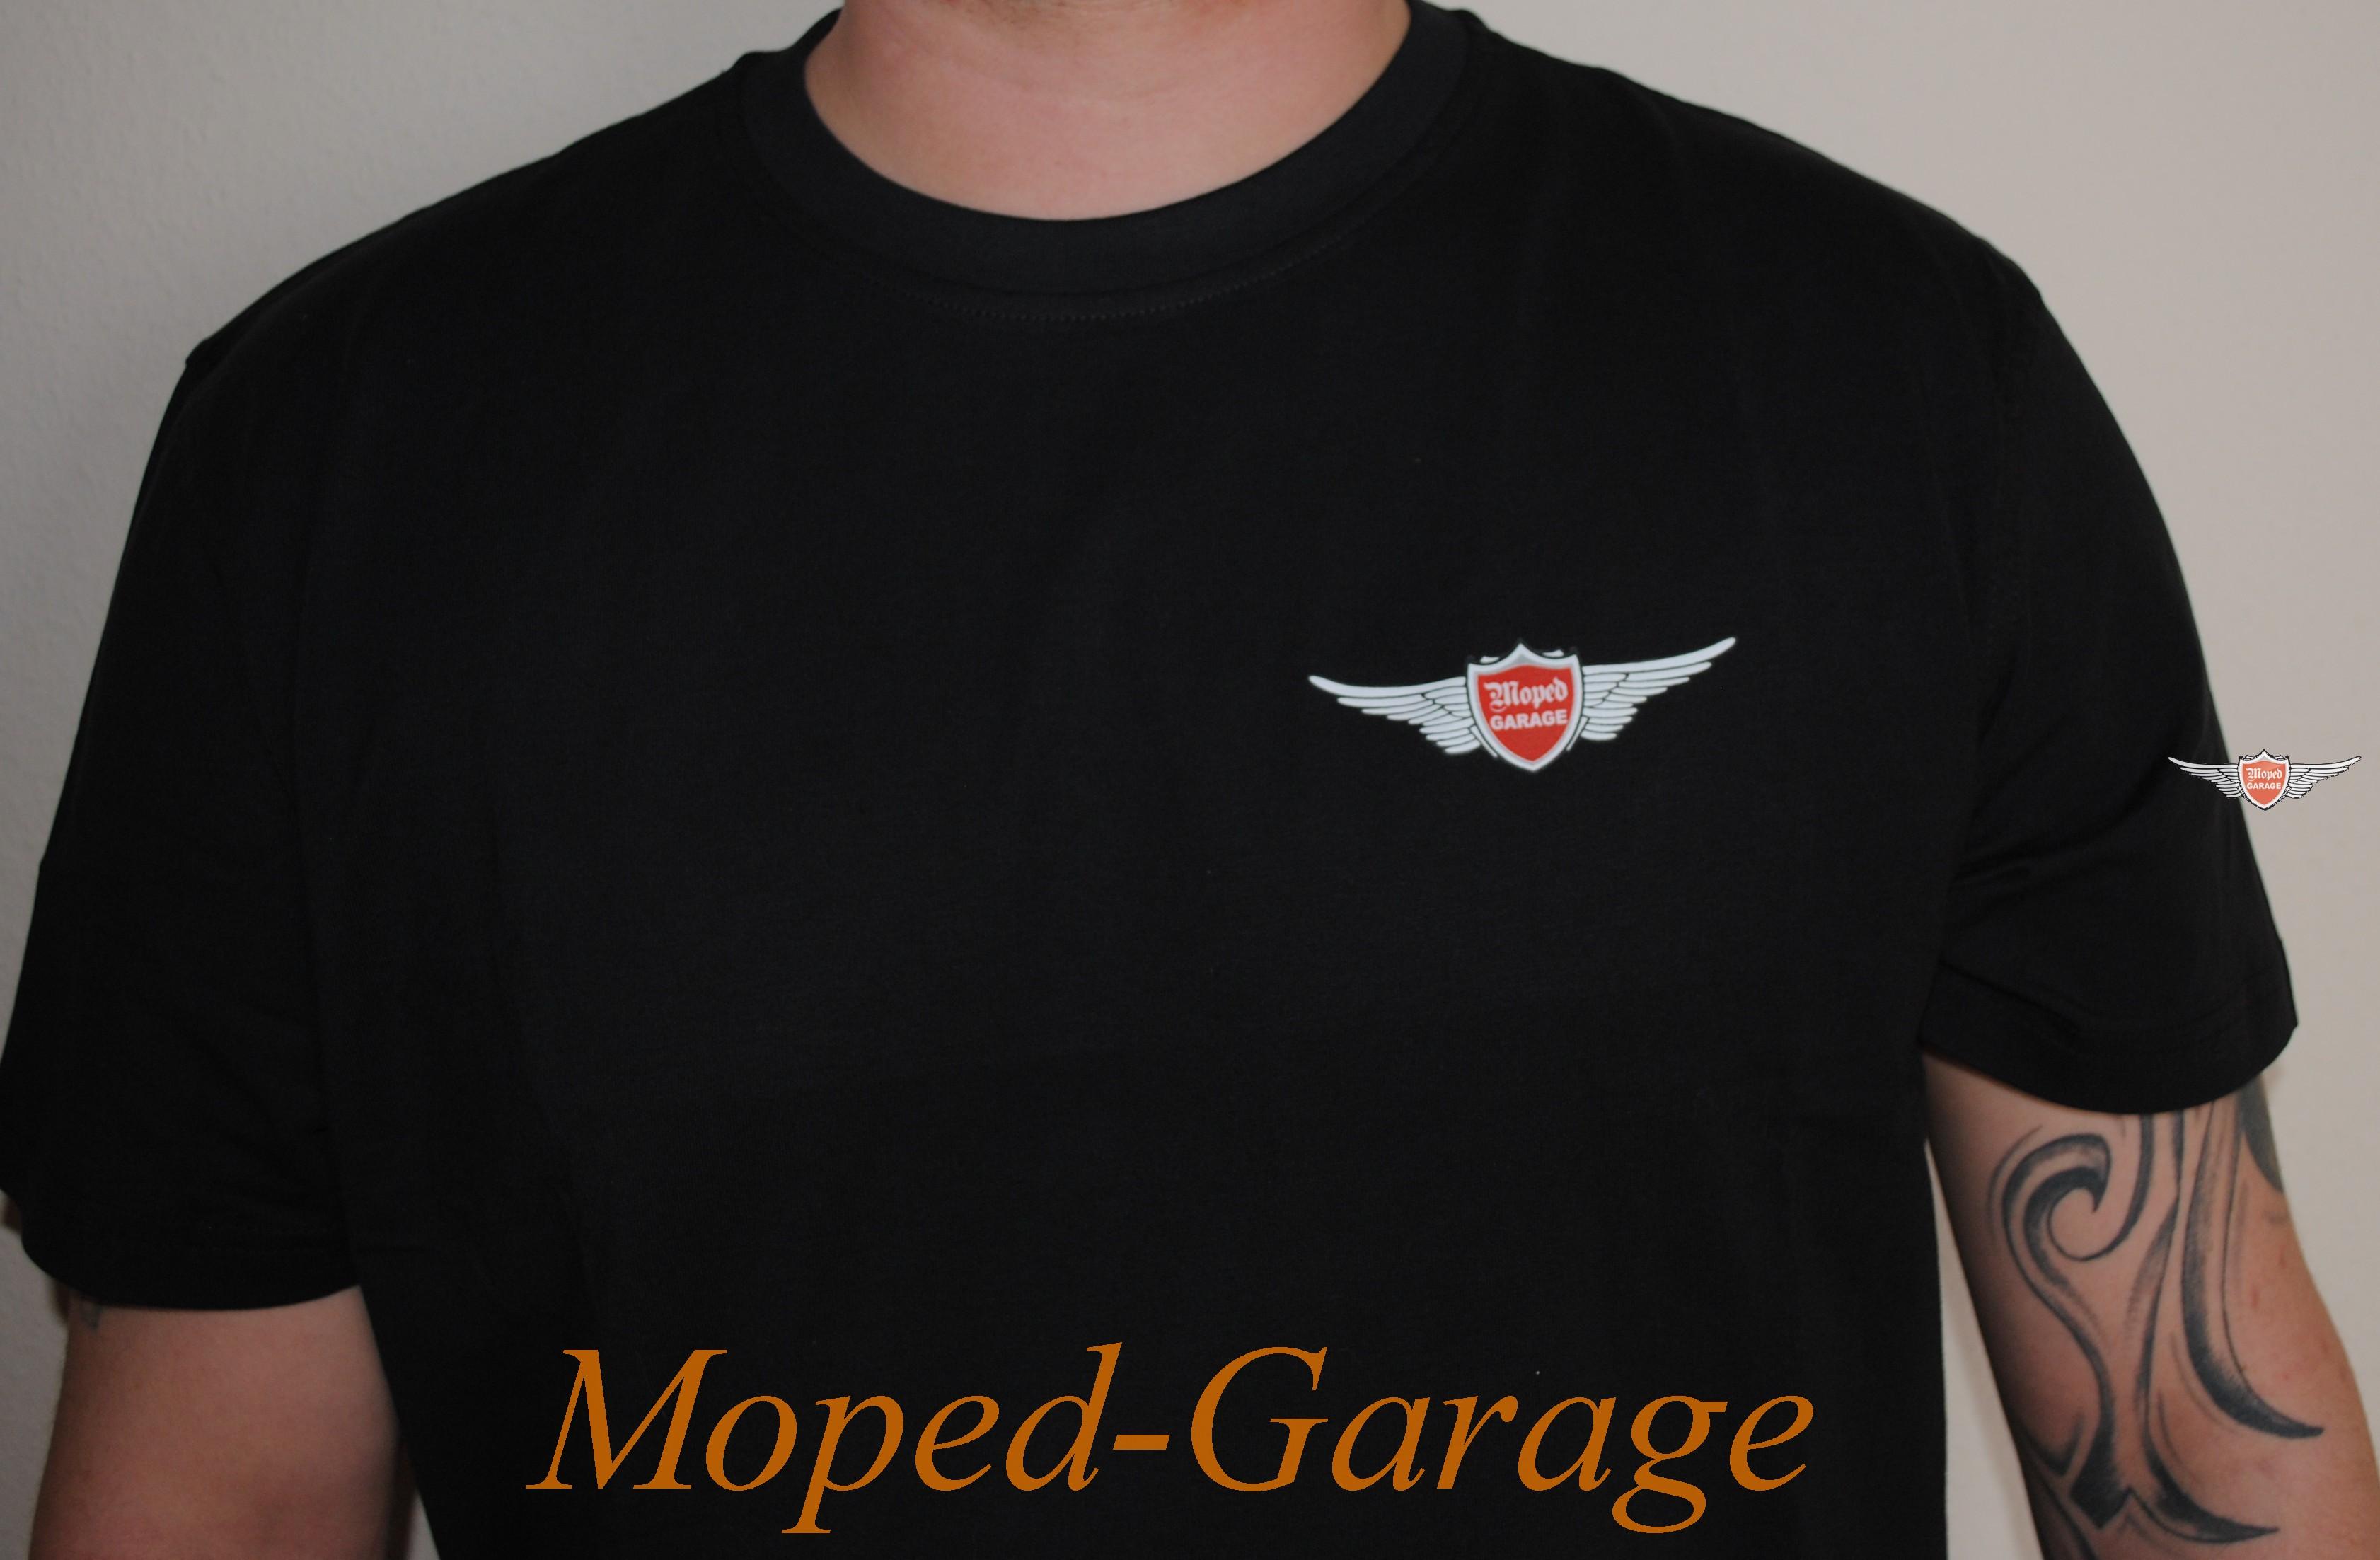 Garage T Shirts : Moped garage moped garage t shirt original es moped teile